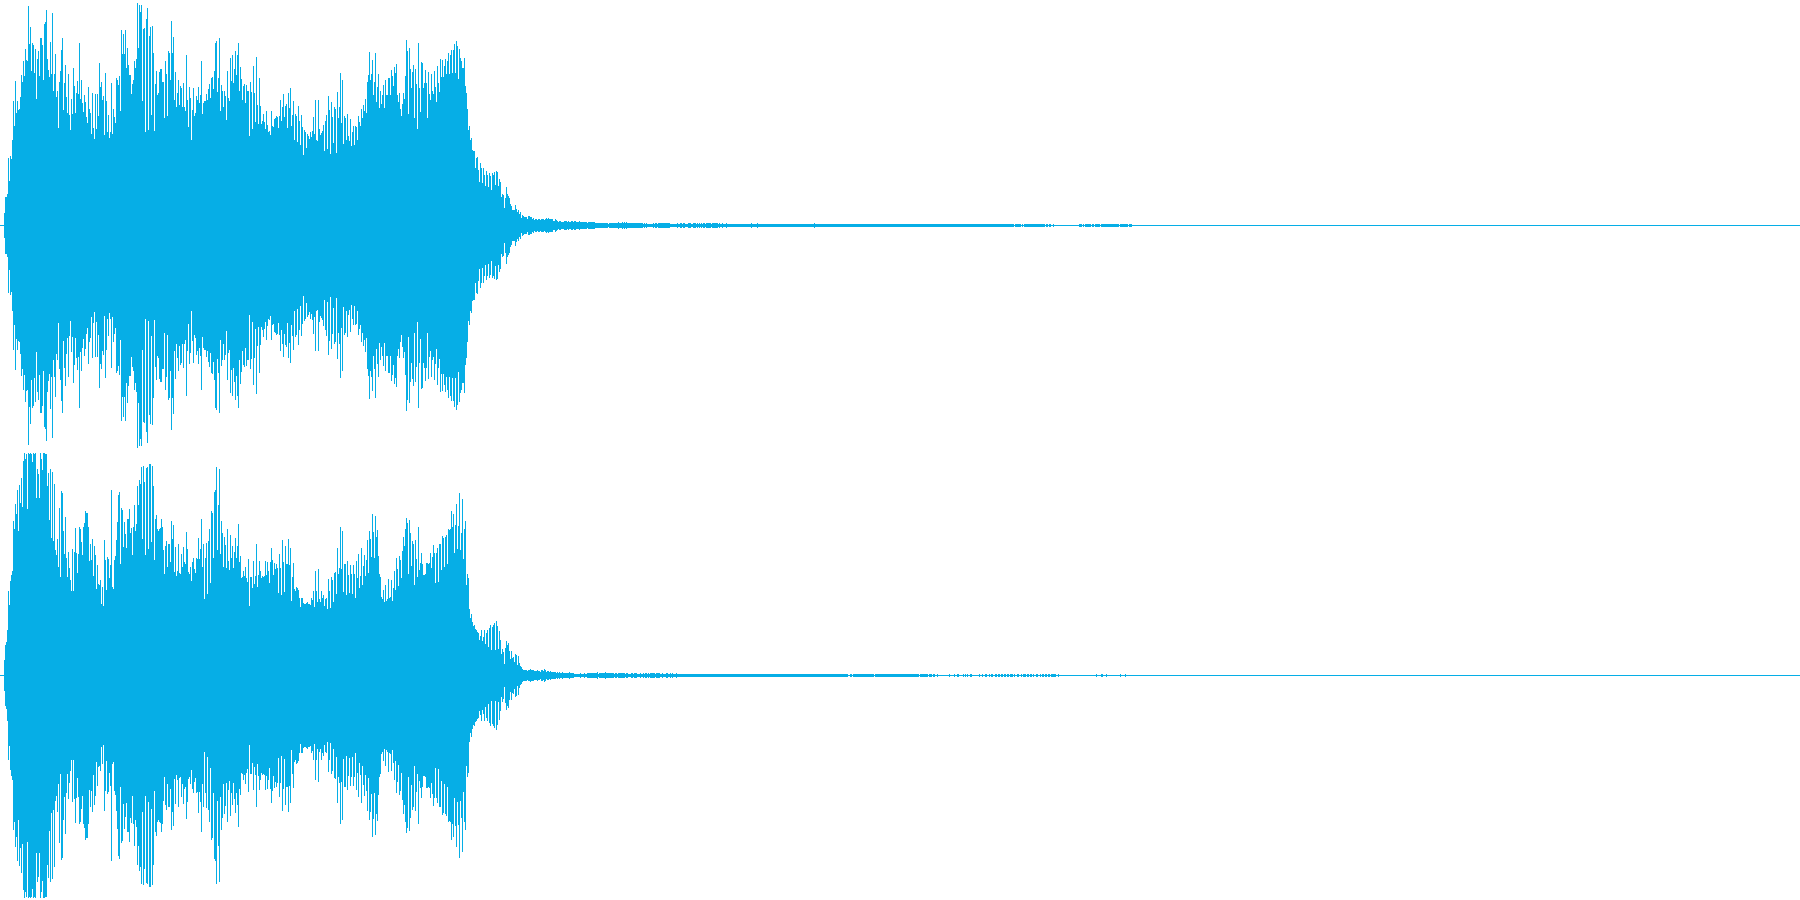 トランペット ファンファーレ 定番 6の再生済みの波形